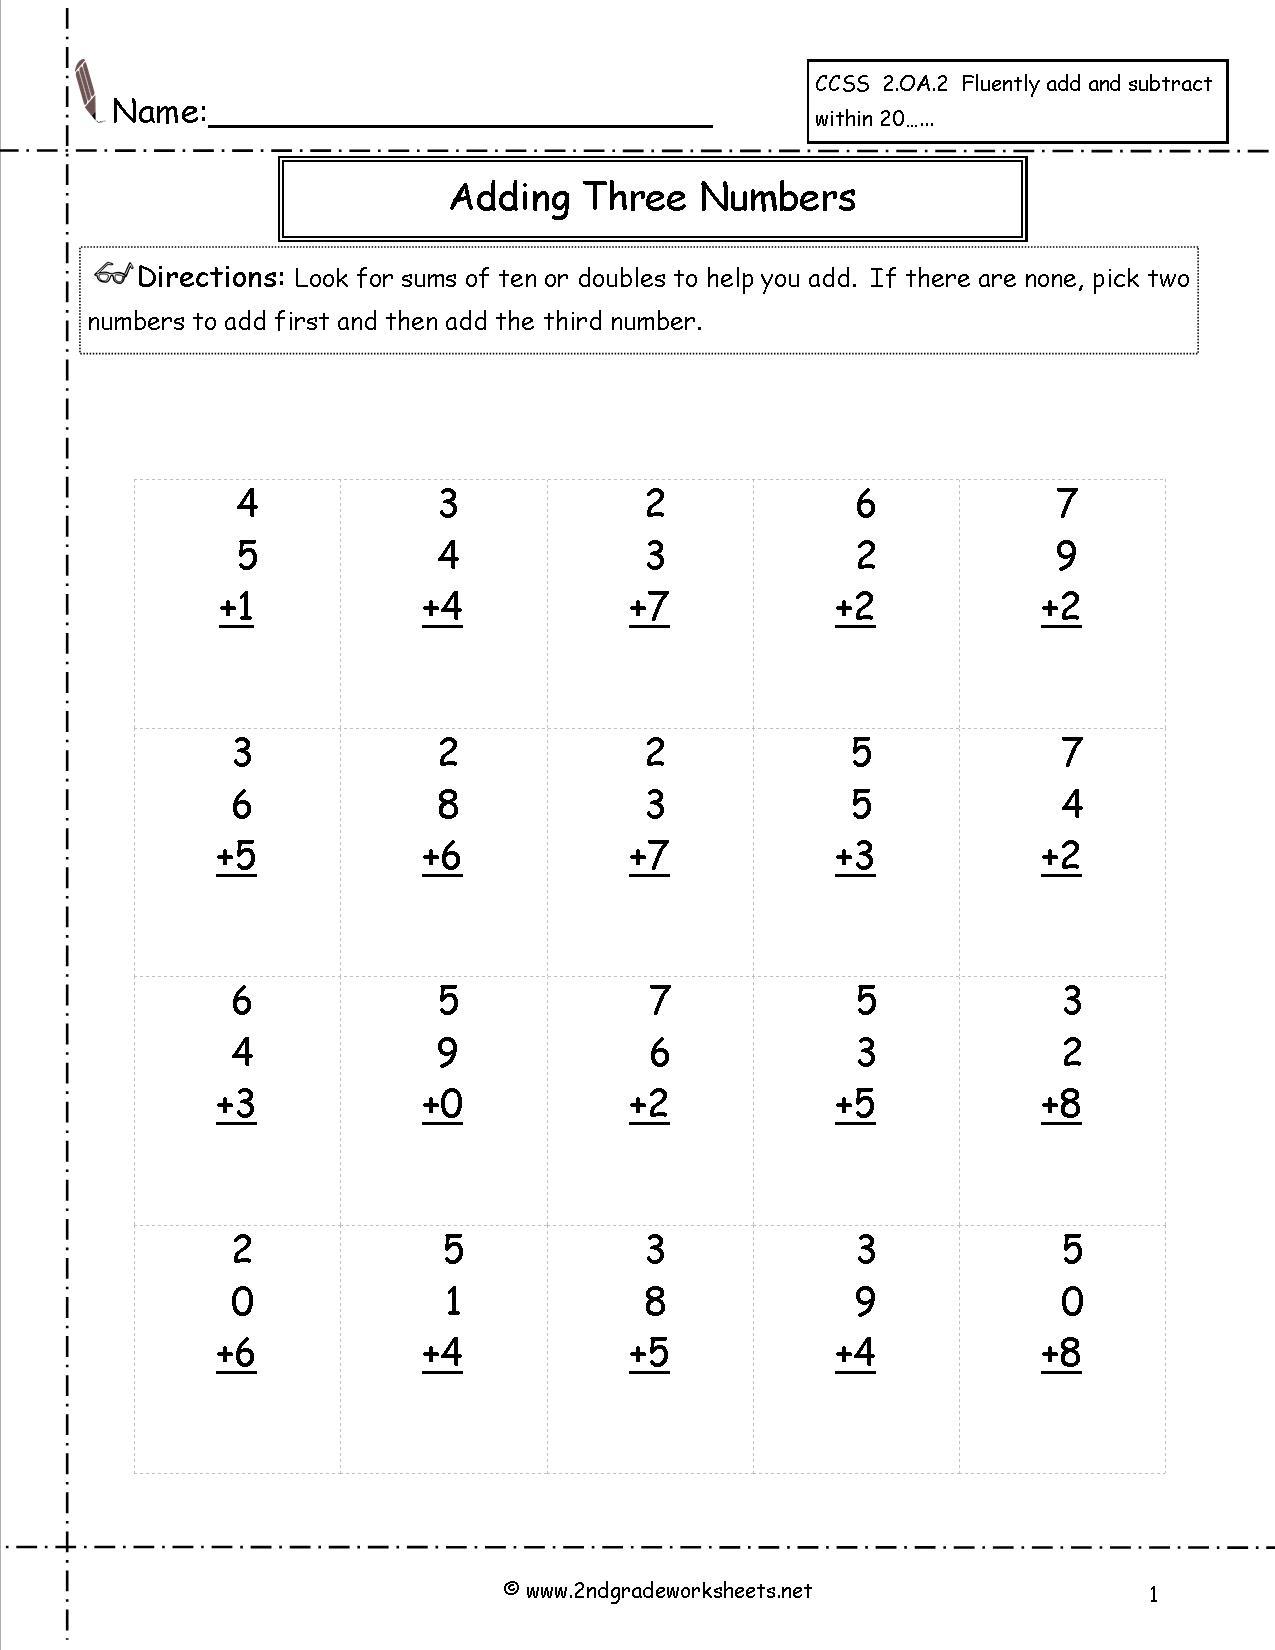 11 Best Images Of Addition Worksheets Using Sets